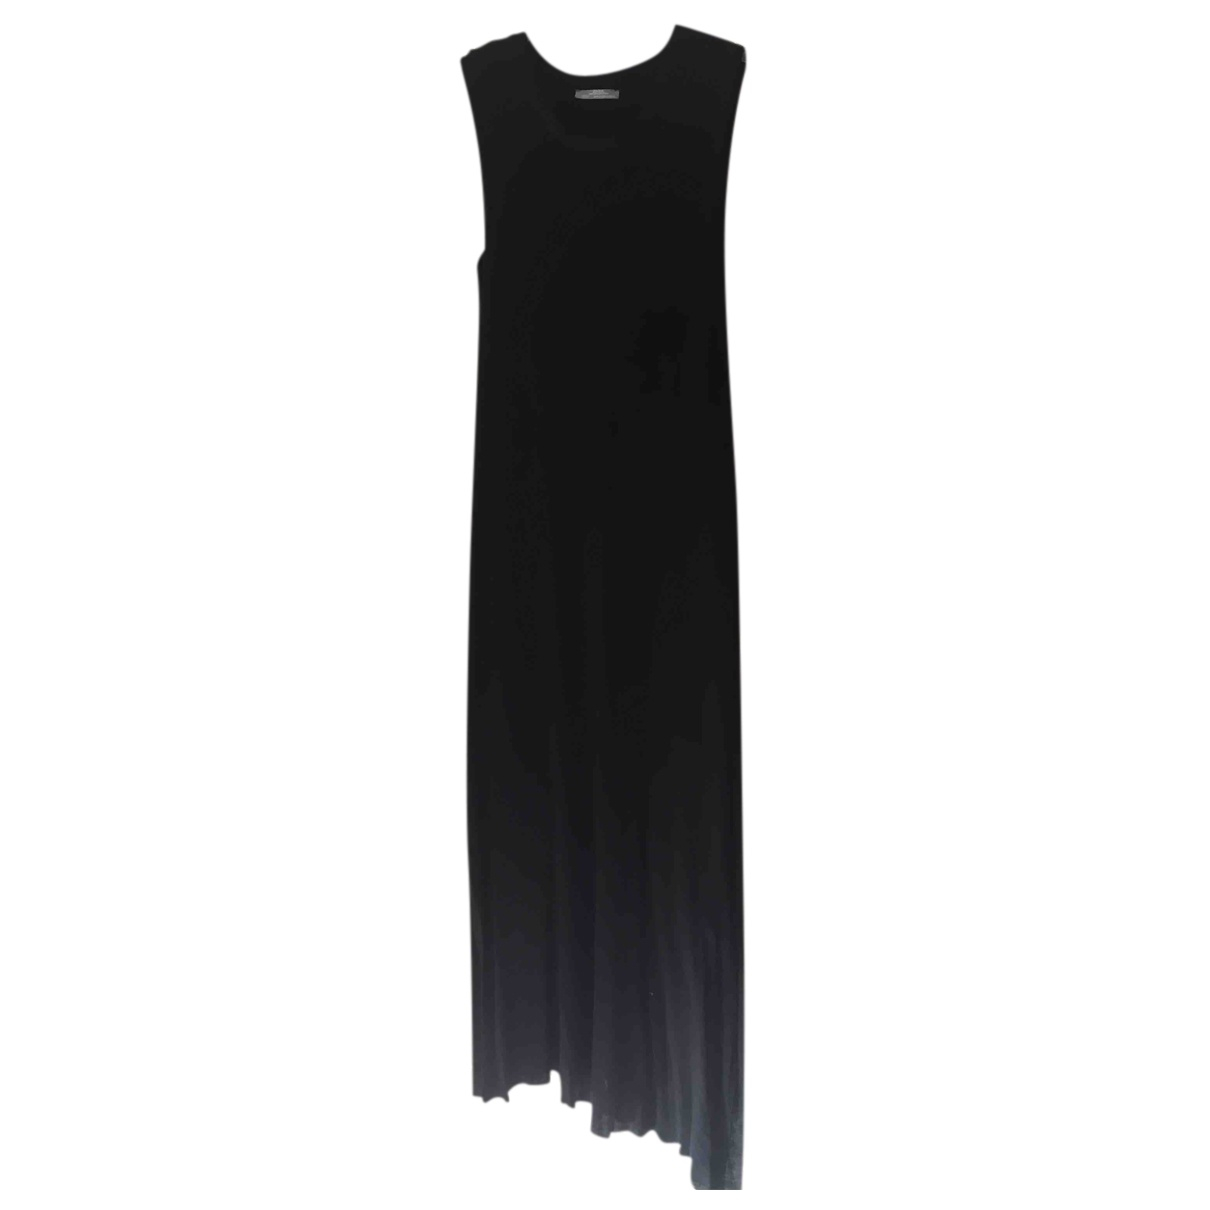 Zara - Robe   pour femme en coton - elasthane - noir